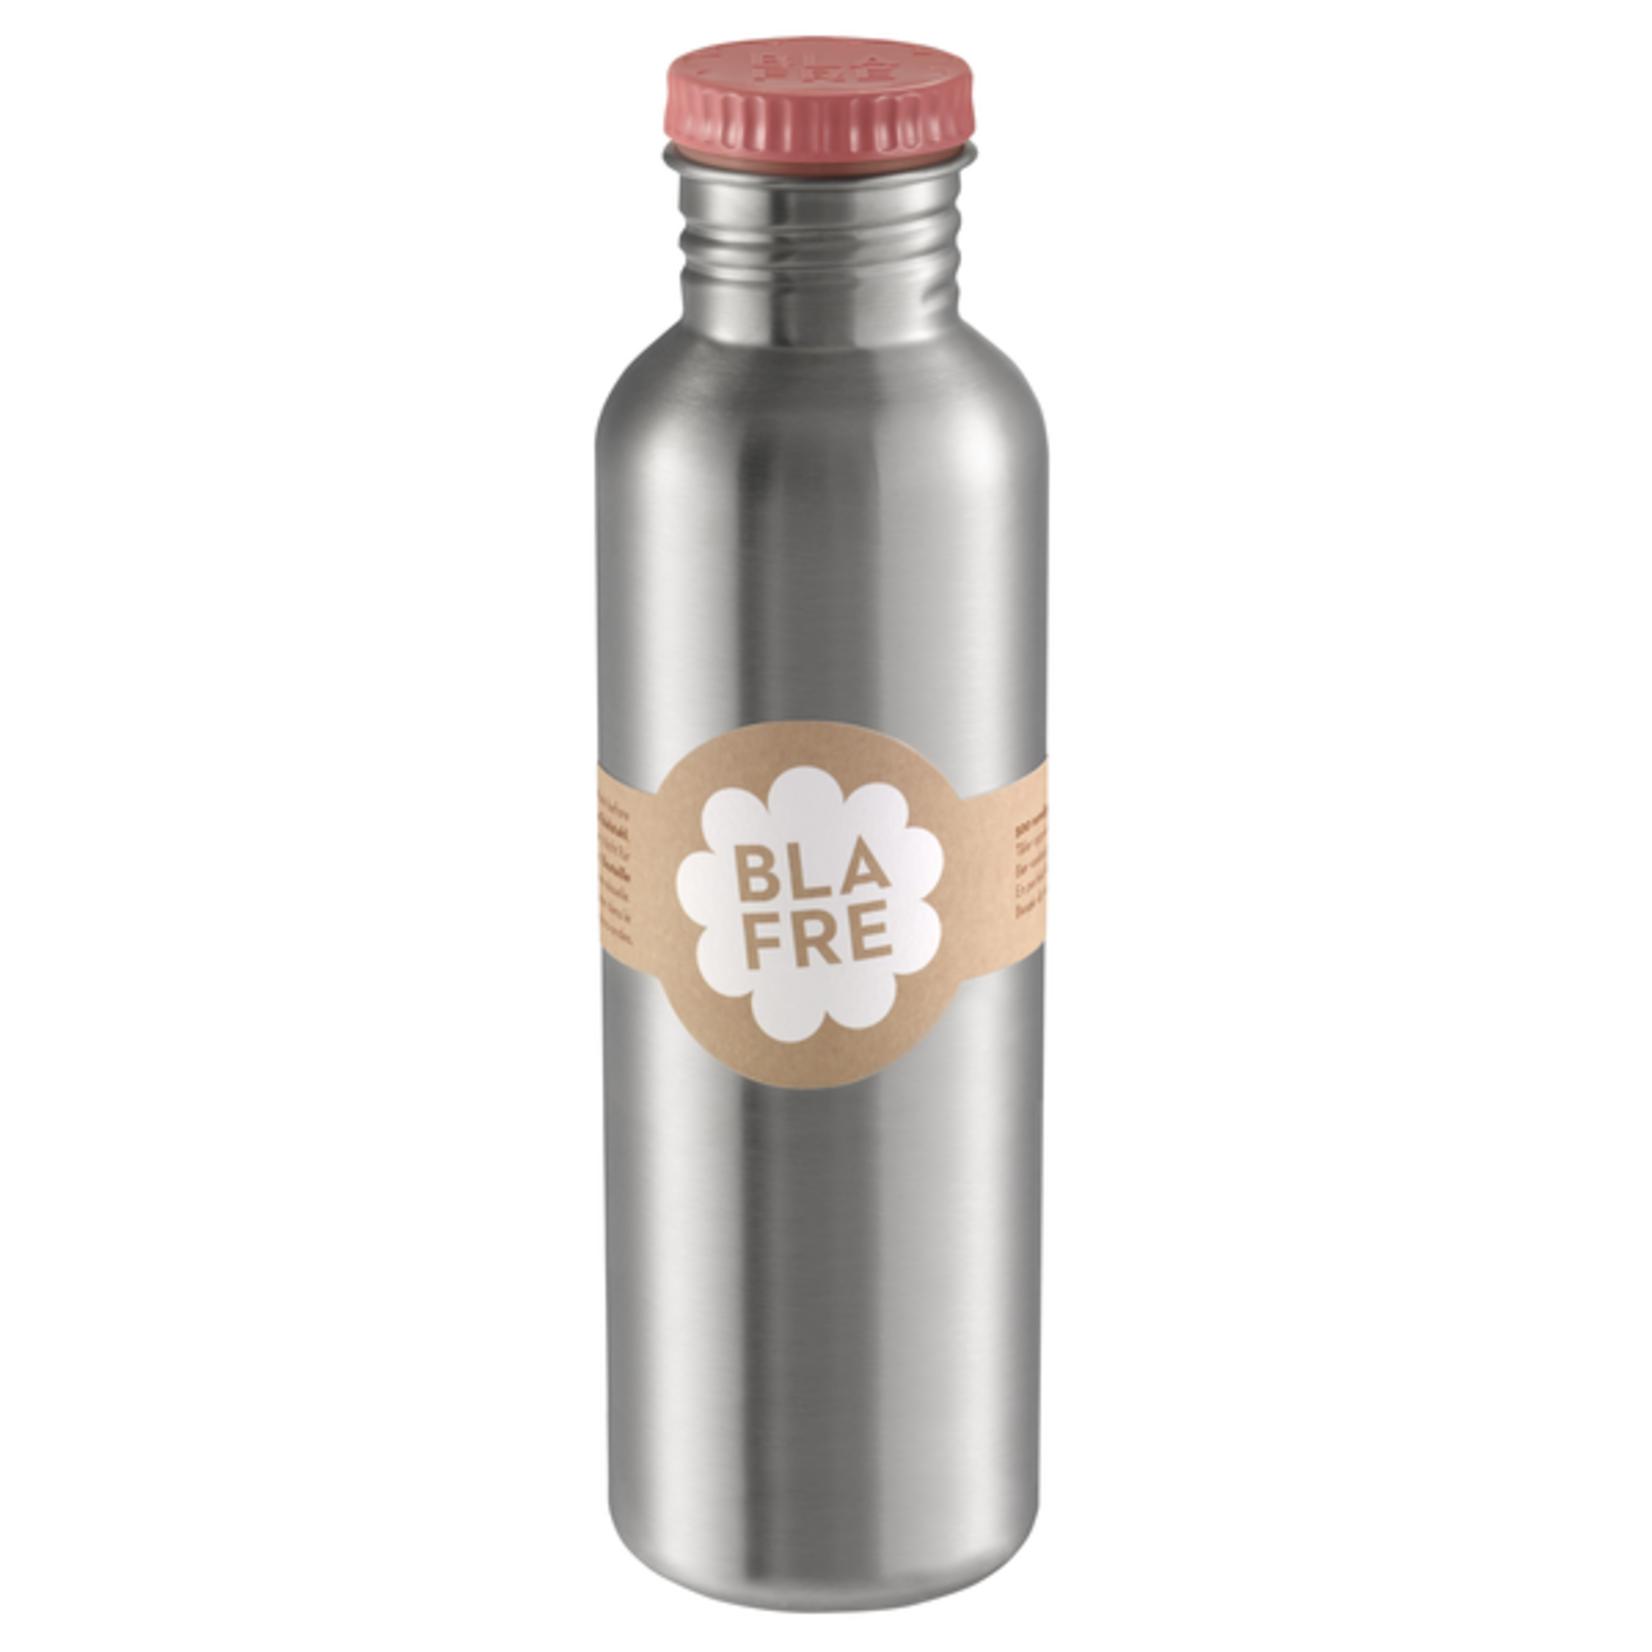 Blafre Blafre Stainless Steel bottle 750ml Pink